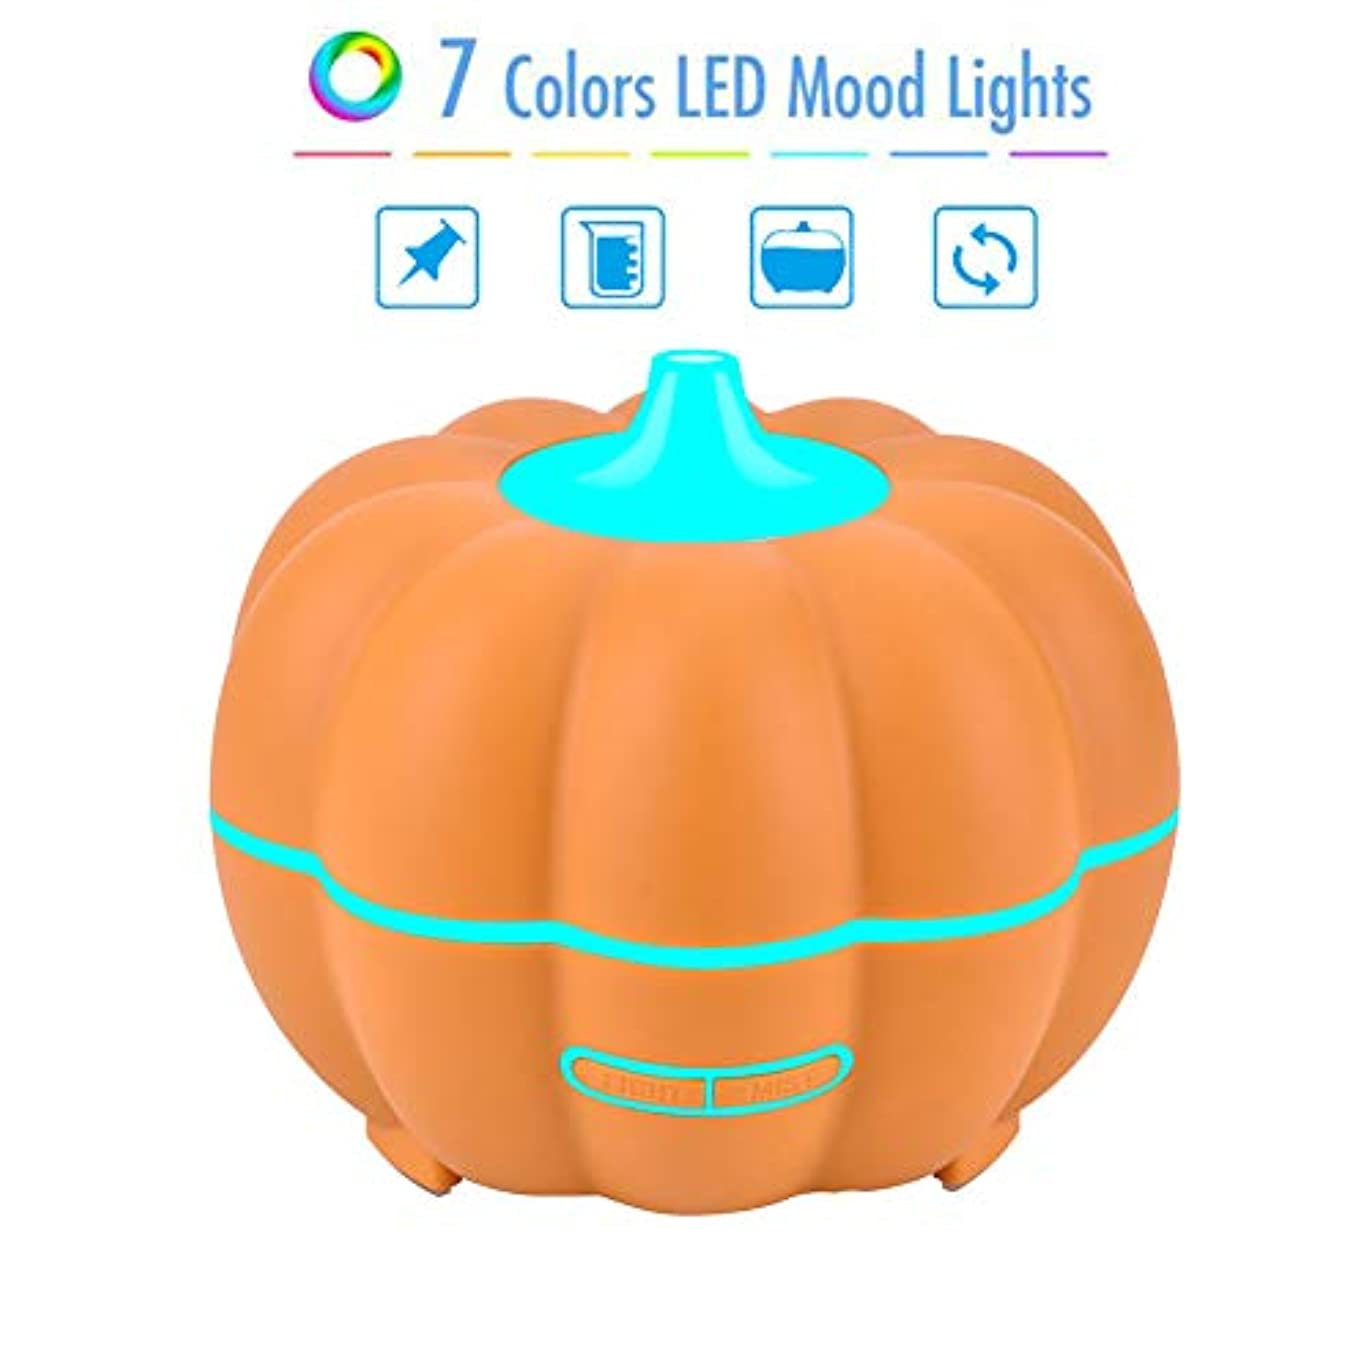 システム散歩感嘆符400ml木目エッセンシャルオイルディフューザー睡眠肌の健康のためのクールミスト付き超音波加湿器ハロウィーンカボチャデザイン,C